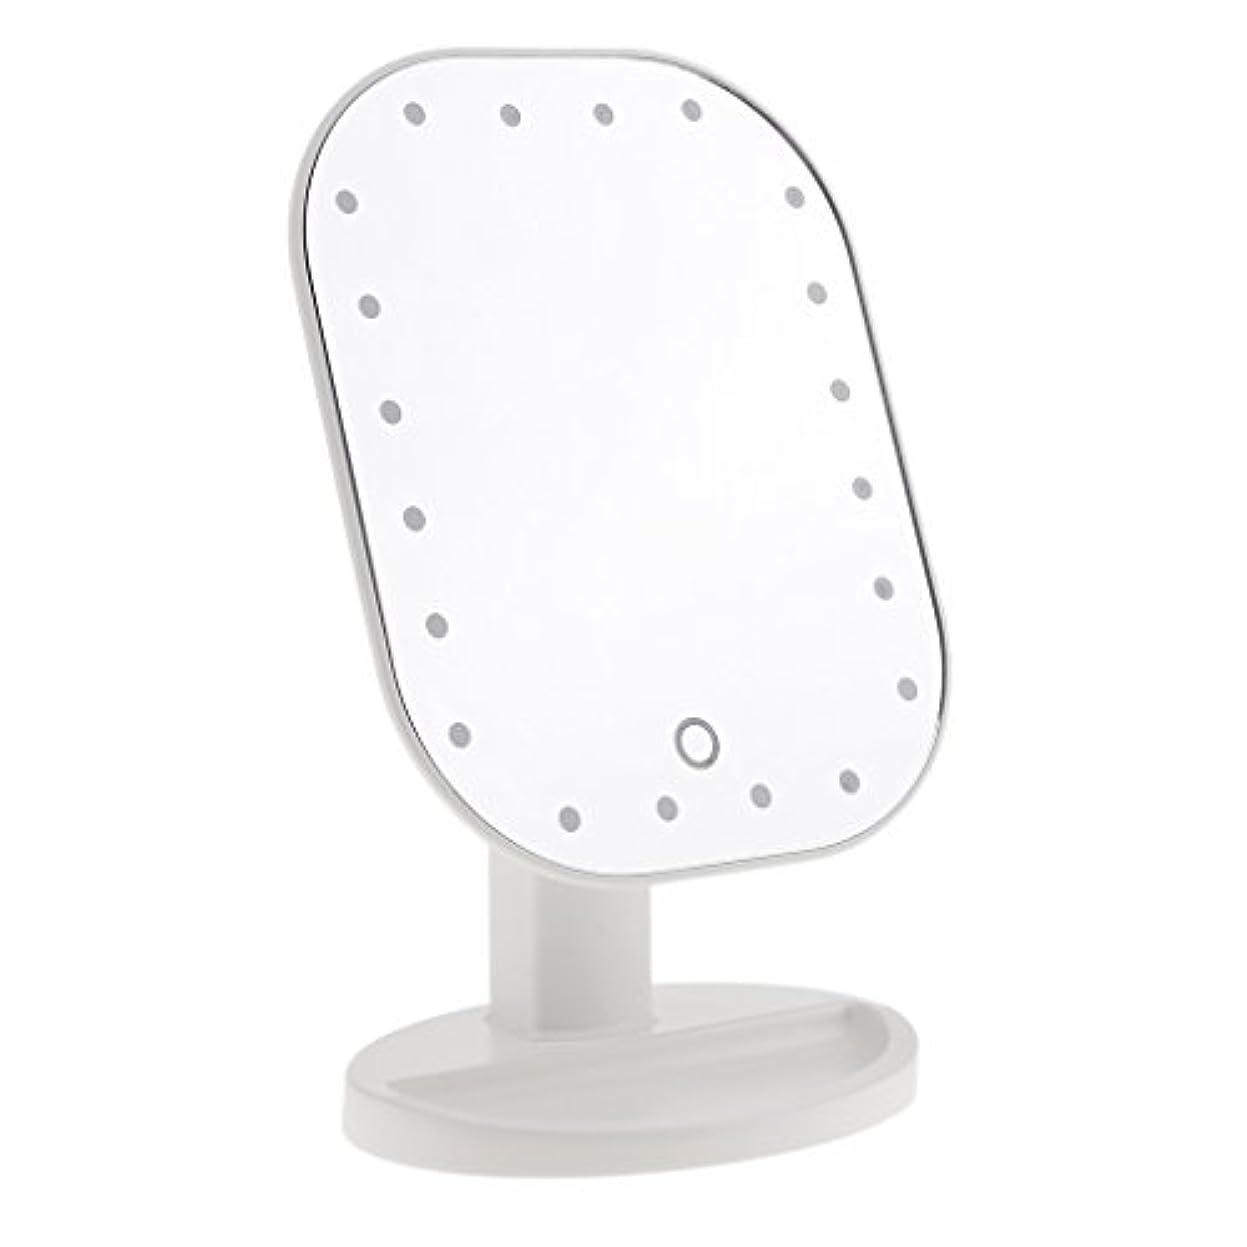 毒性輝度決定的LEDメイクミラー LED化粧鏡 メイクミラー LED女優ミラー 卓上スタンドミラー 180°回転 明るさ調整可 バッテリー式 全3色選べる - 白